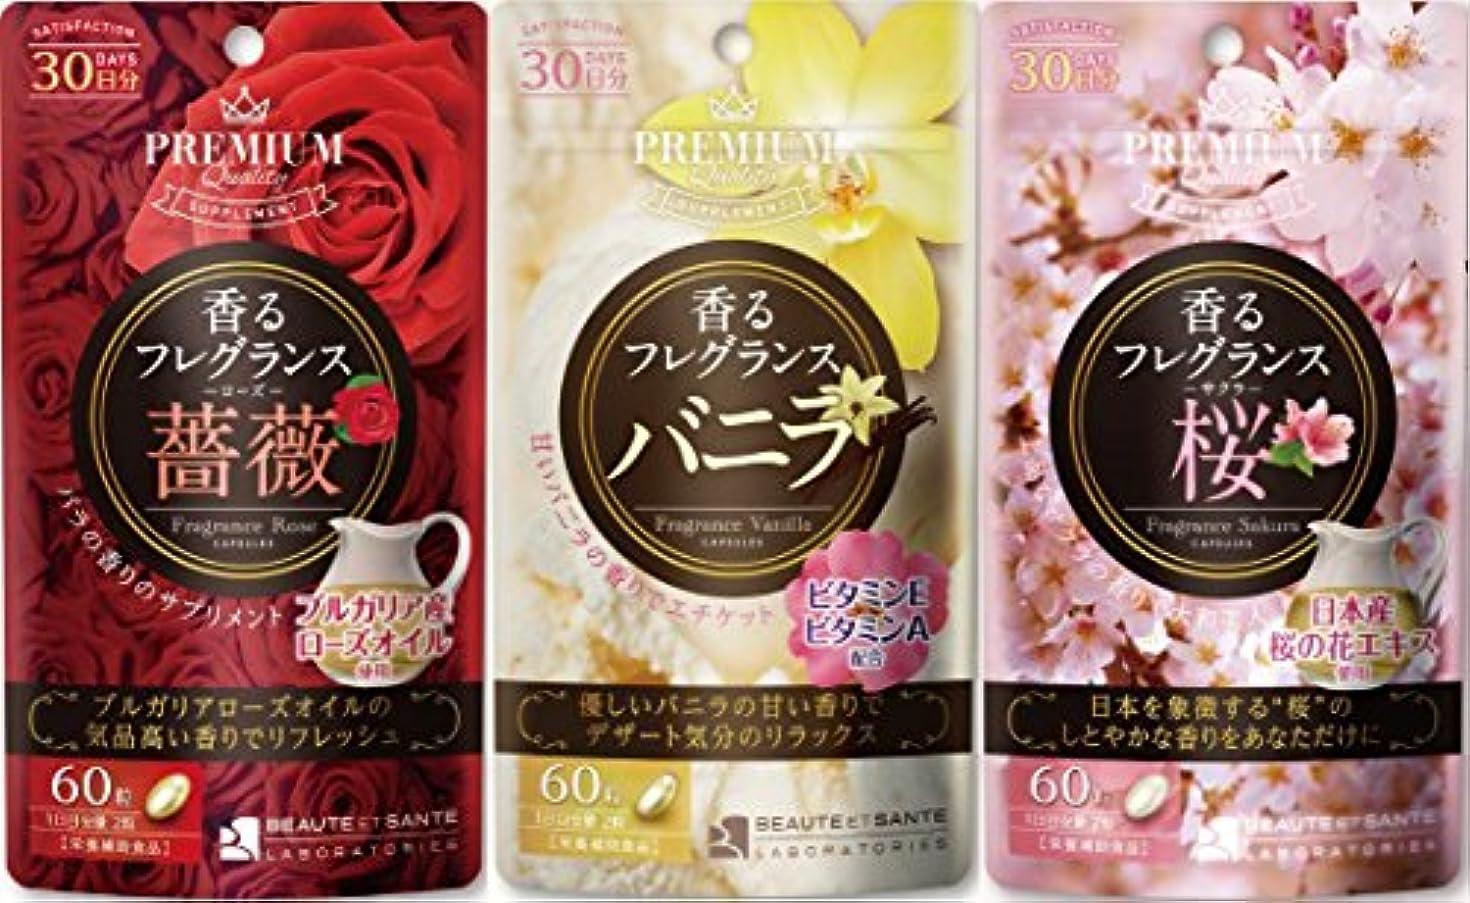 チャネル南東うまれた香るフレグランス アソートセット 3種類×各1個